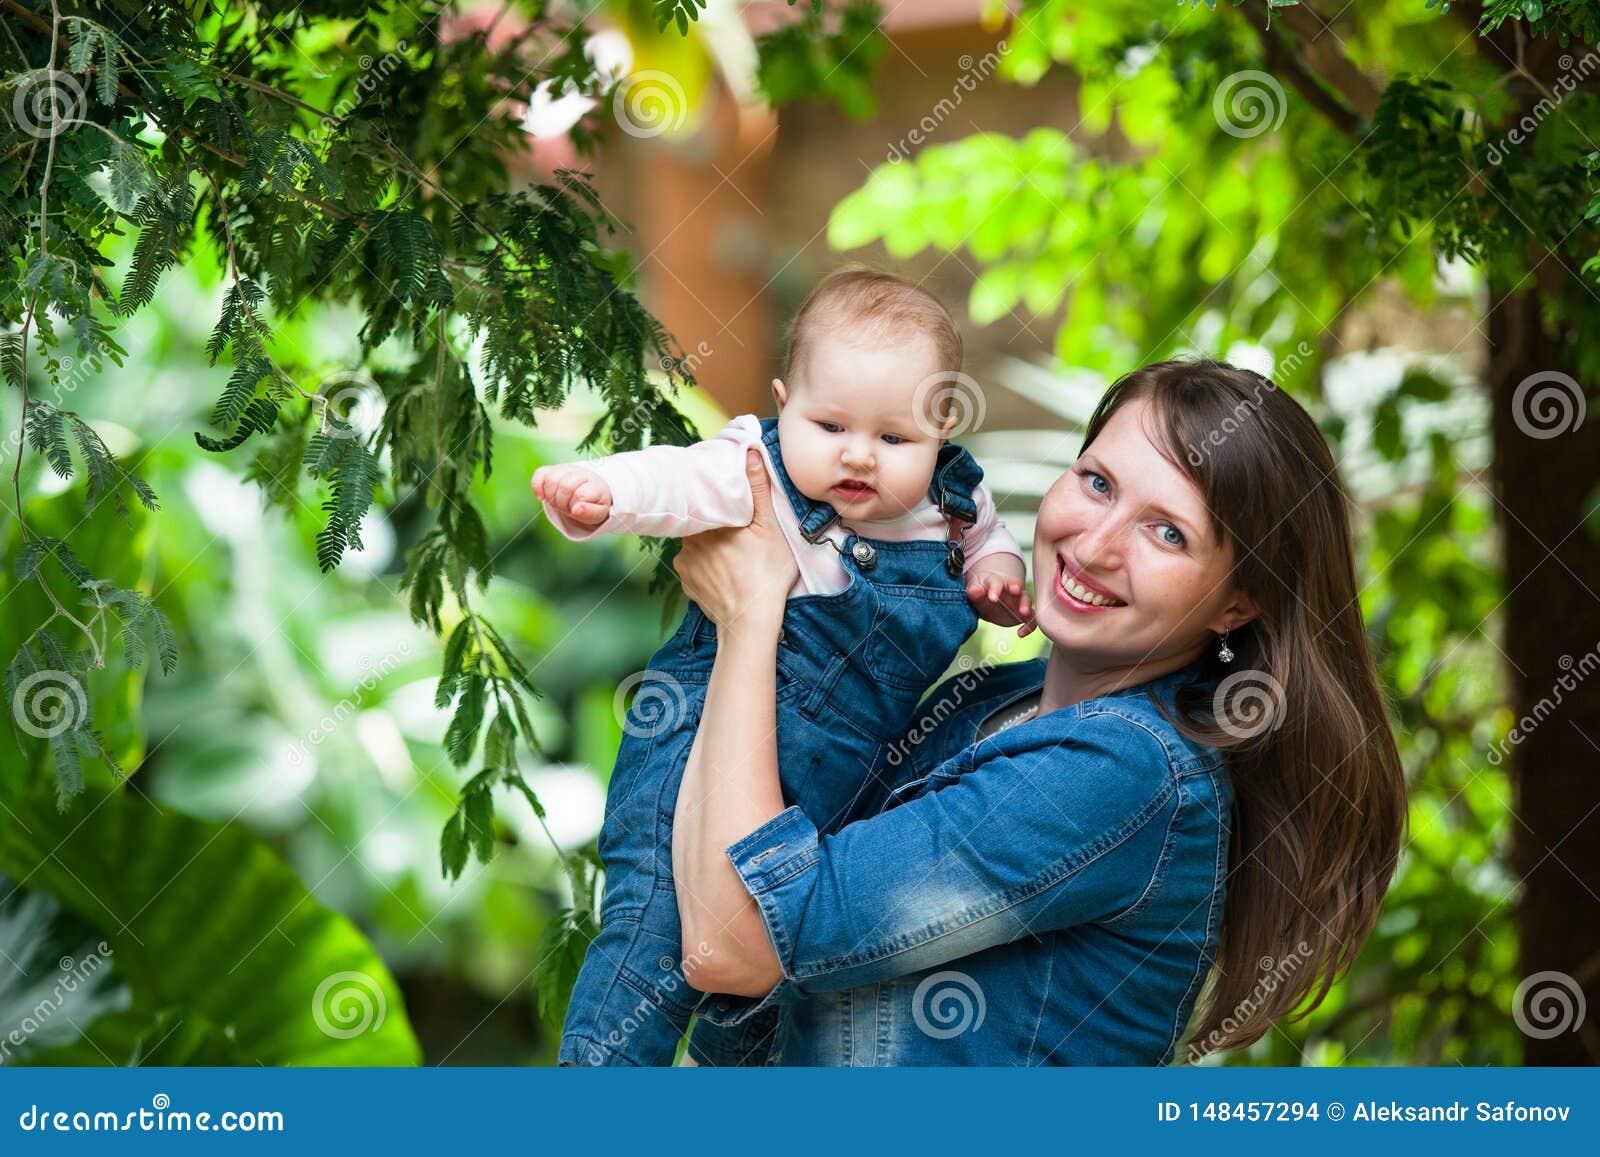 Szczęśliwa młoda kobieta trzyma dziecka za spacerze w parku dalej